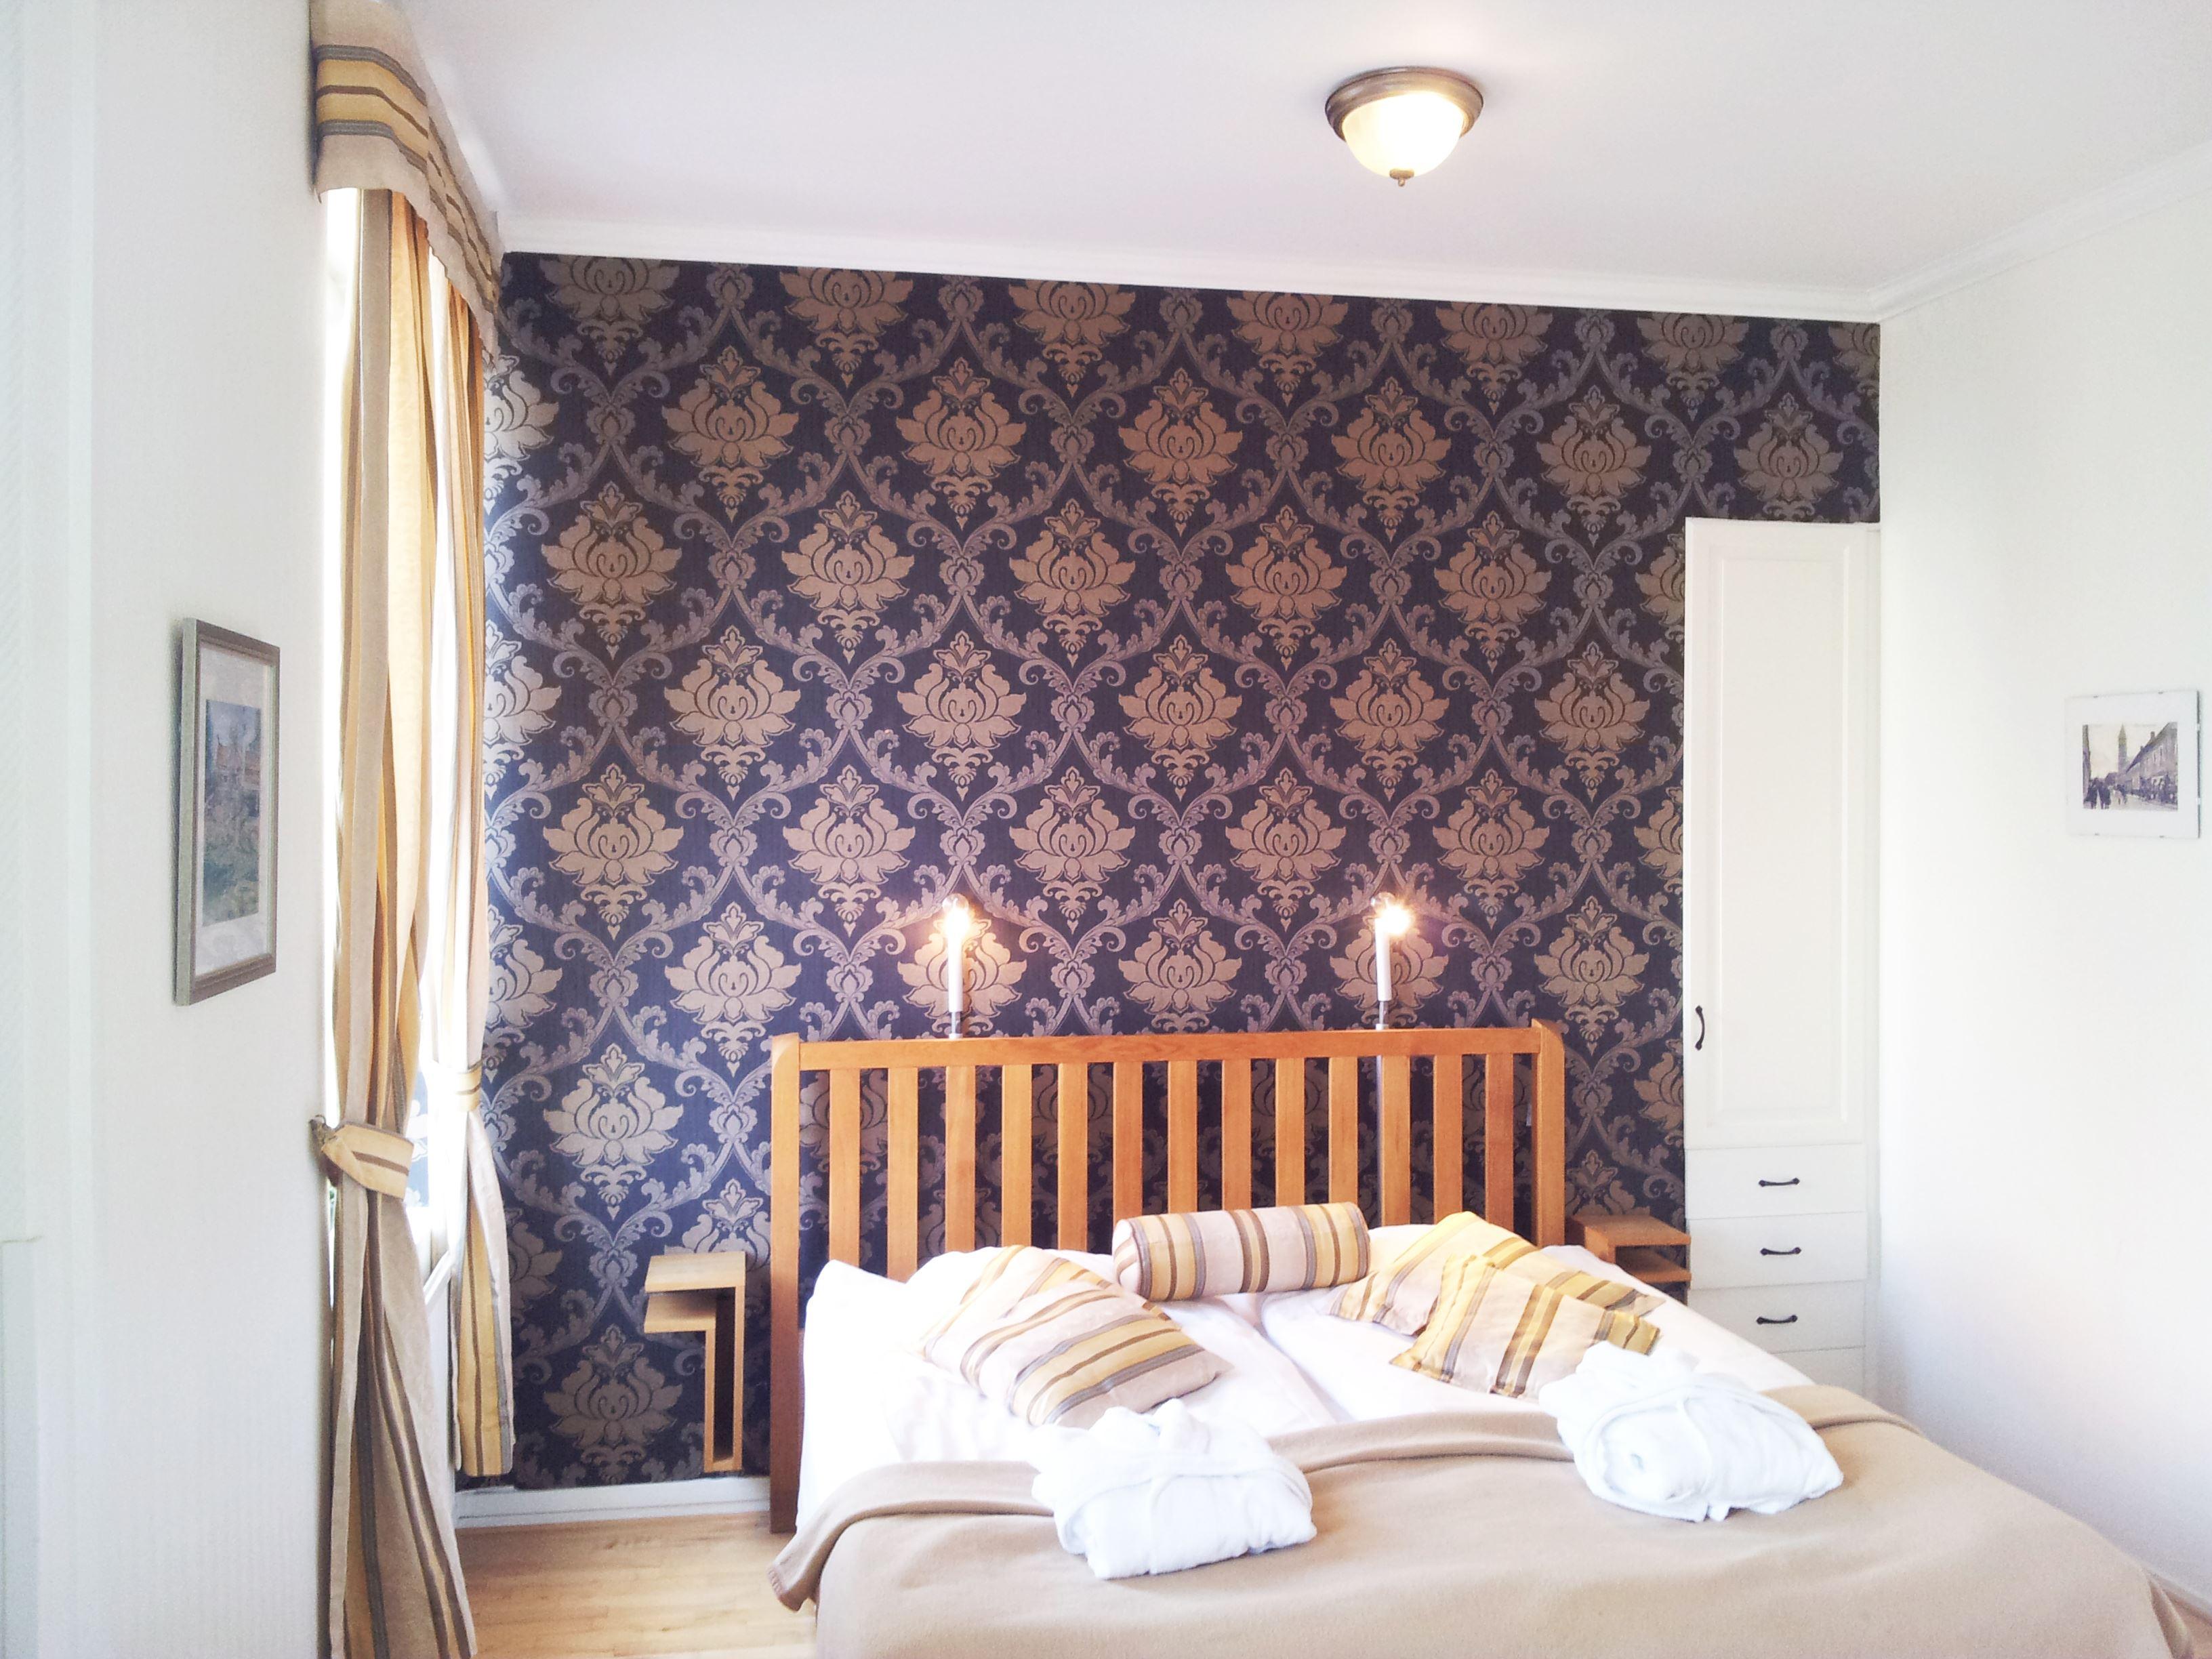 Hotel Concordia - personligt, 4-stjärnigt & svanenmärkt hotell mitt i centrala Lund!